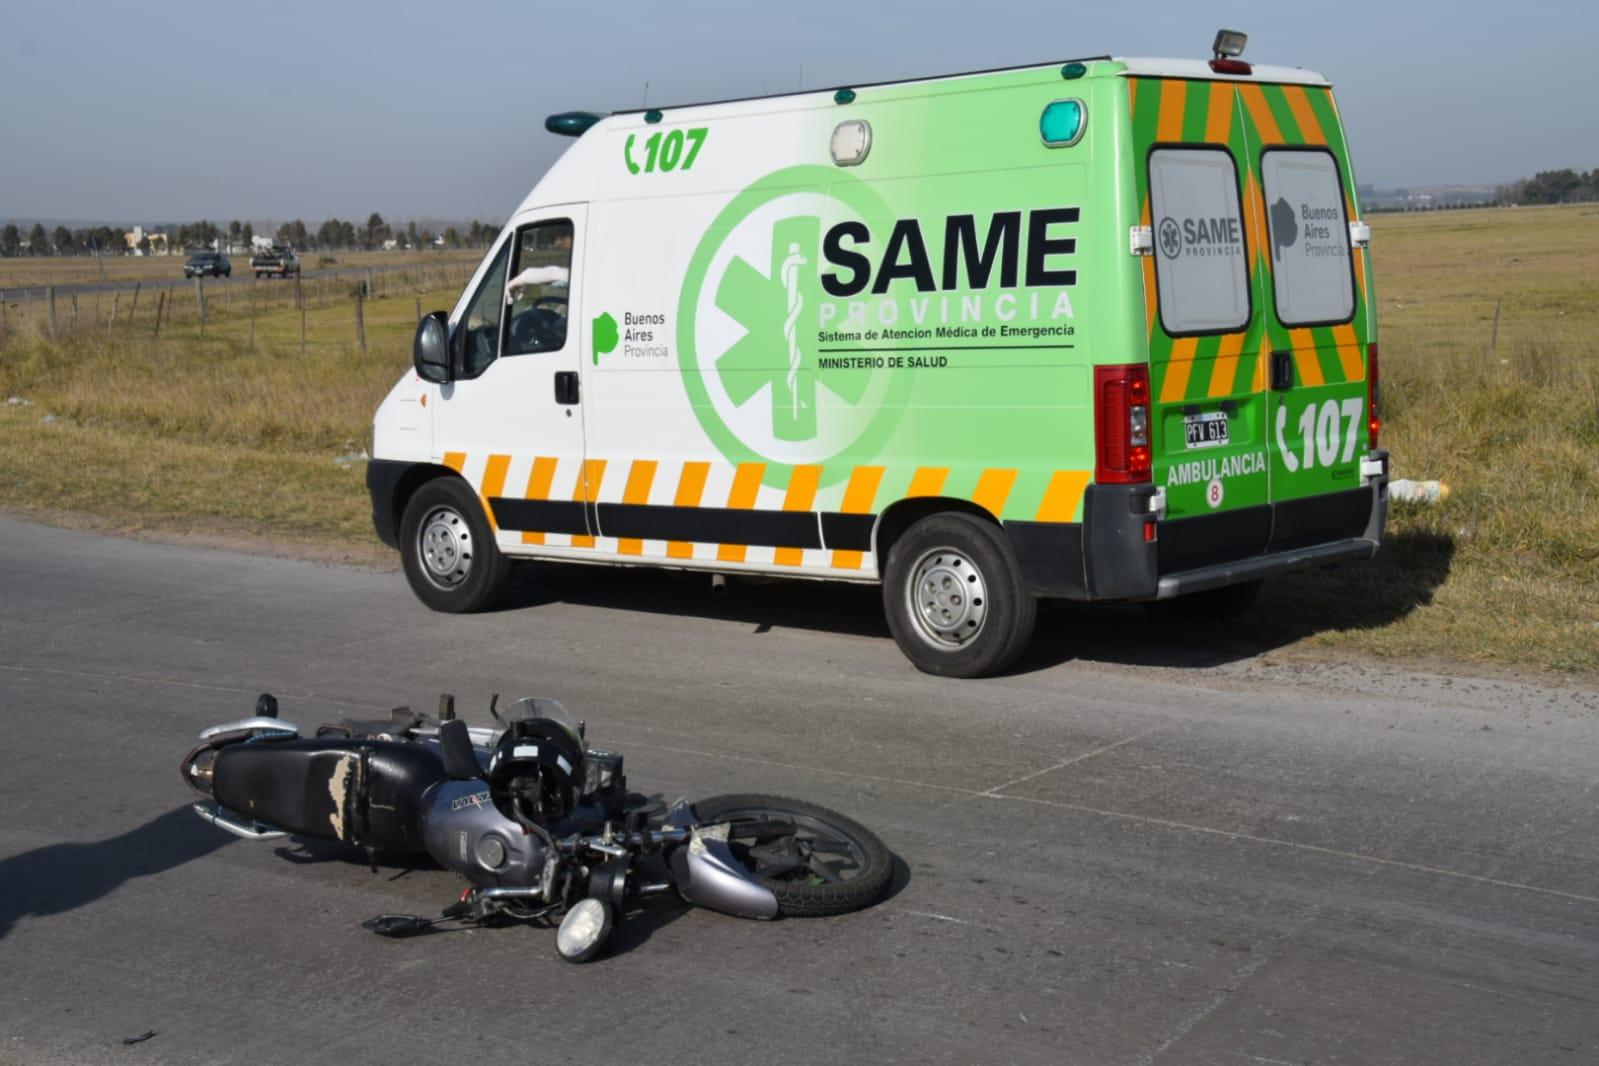 Una mujer cayó de su moto y resultó herida